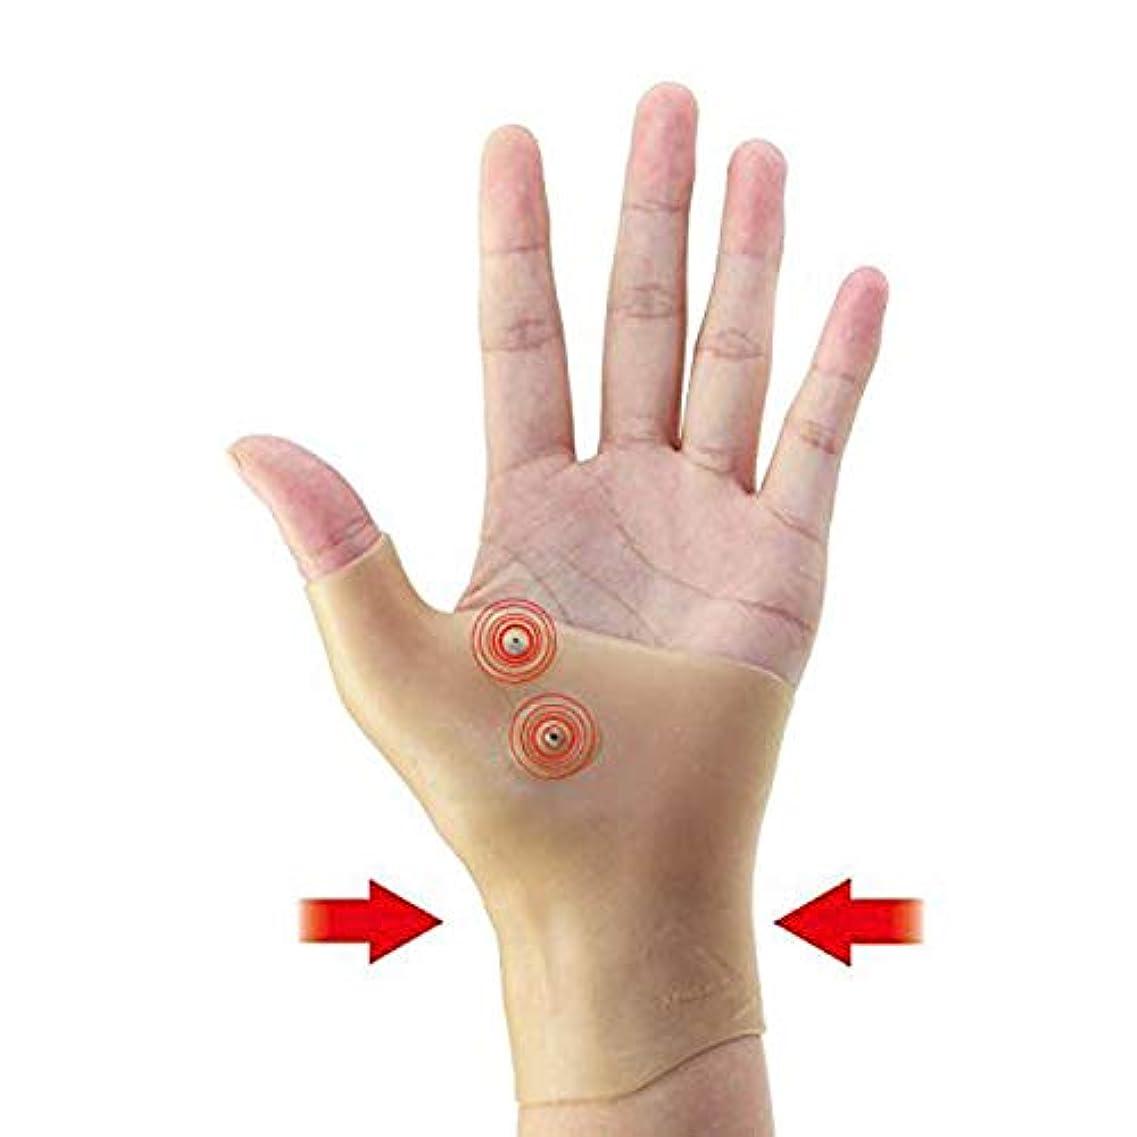 単に講師成分磁気 圧縮手袋 - Delaman 指なし 手袋、健康手袋、圧着効果、疲労減少、健康関節、磁気療法、手首サポーター、ユニセックス